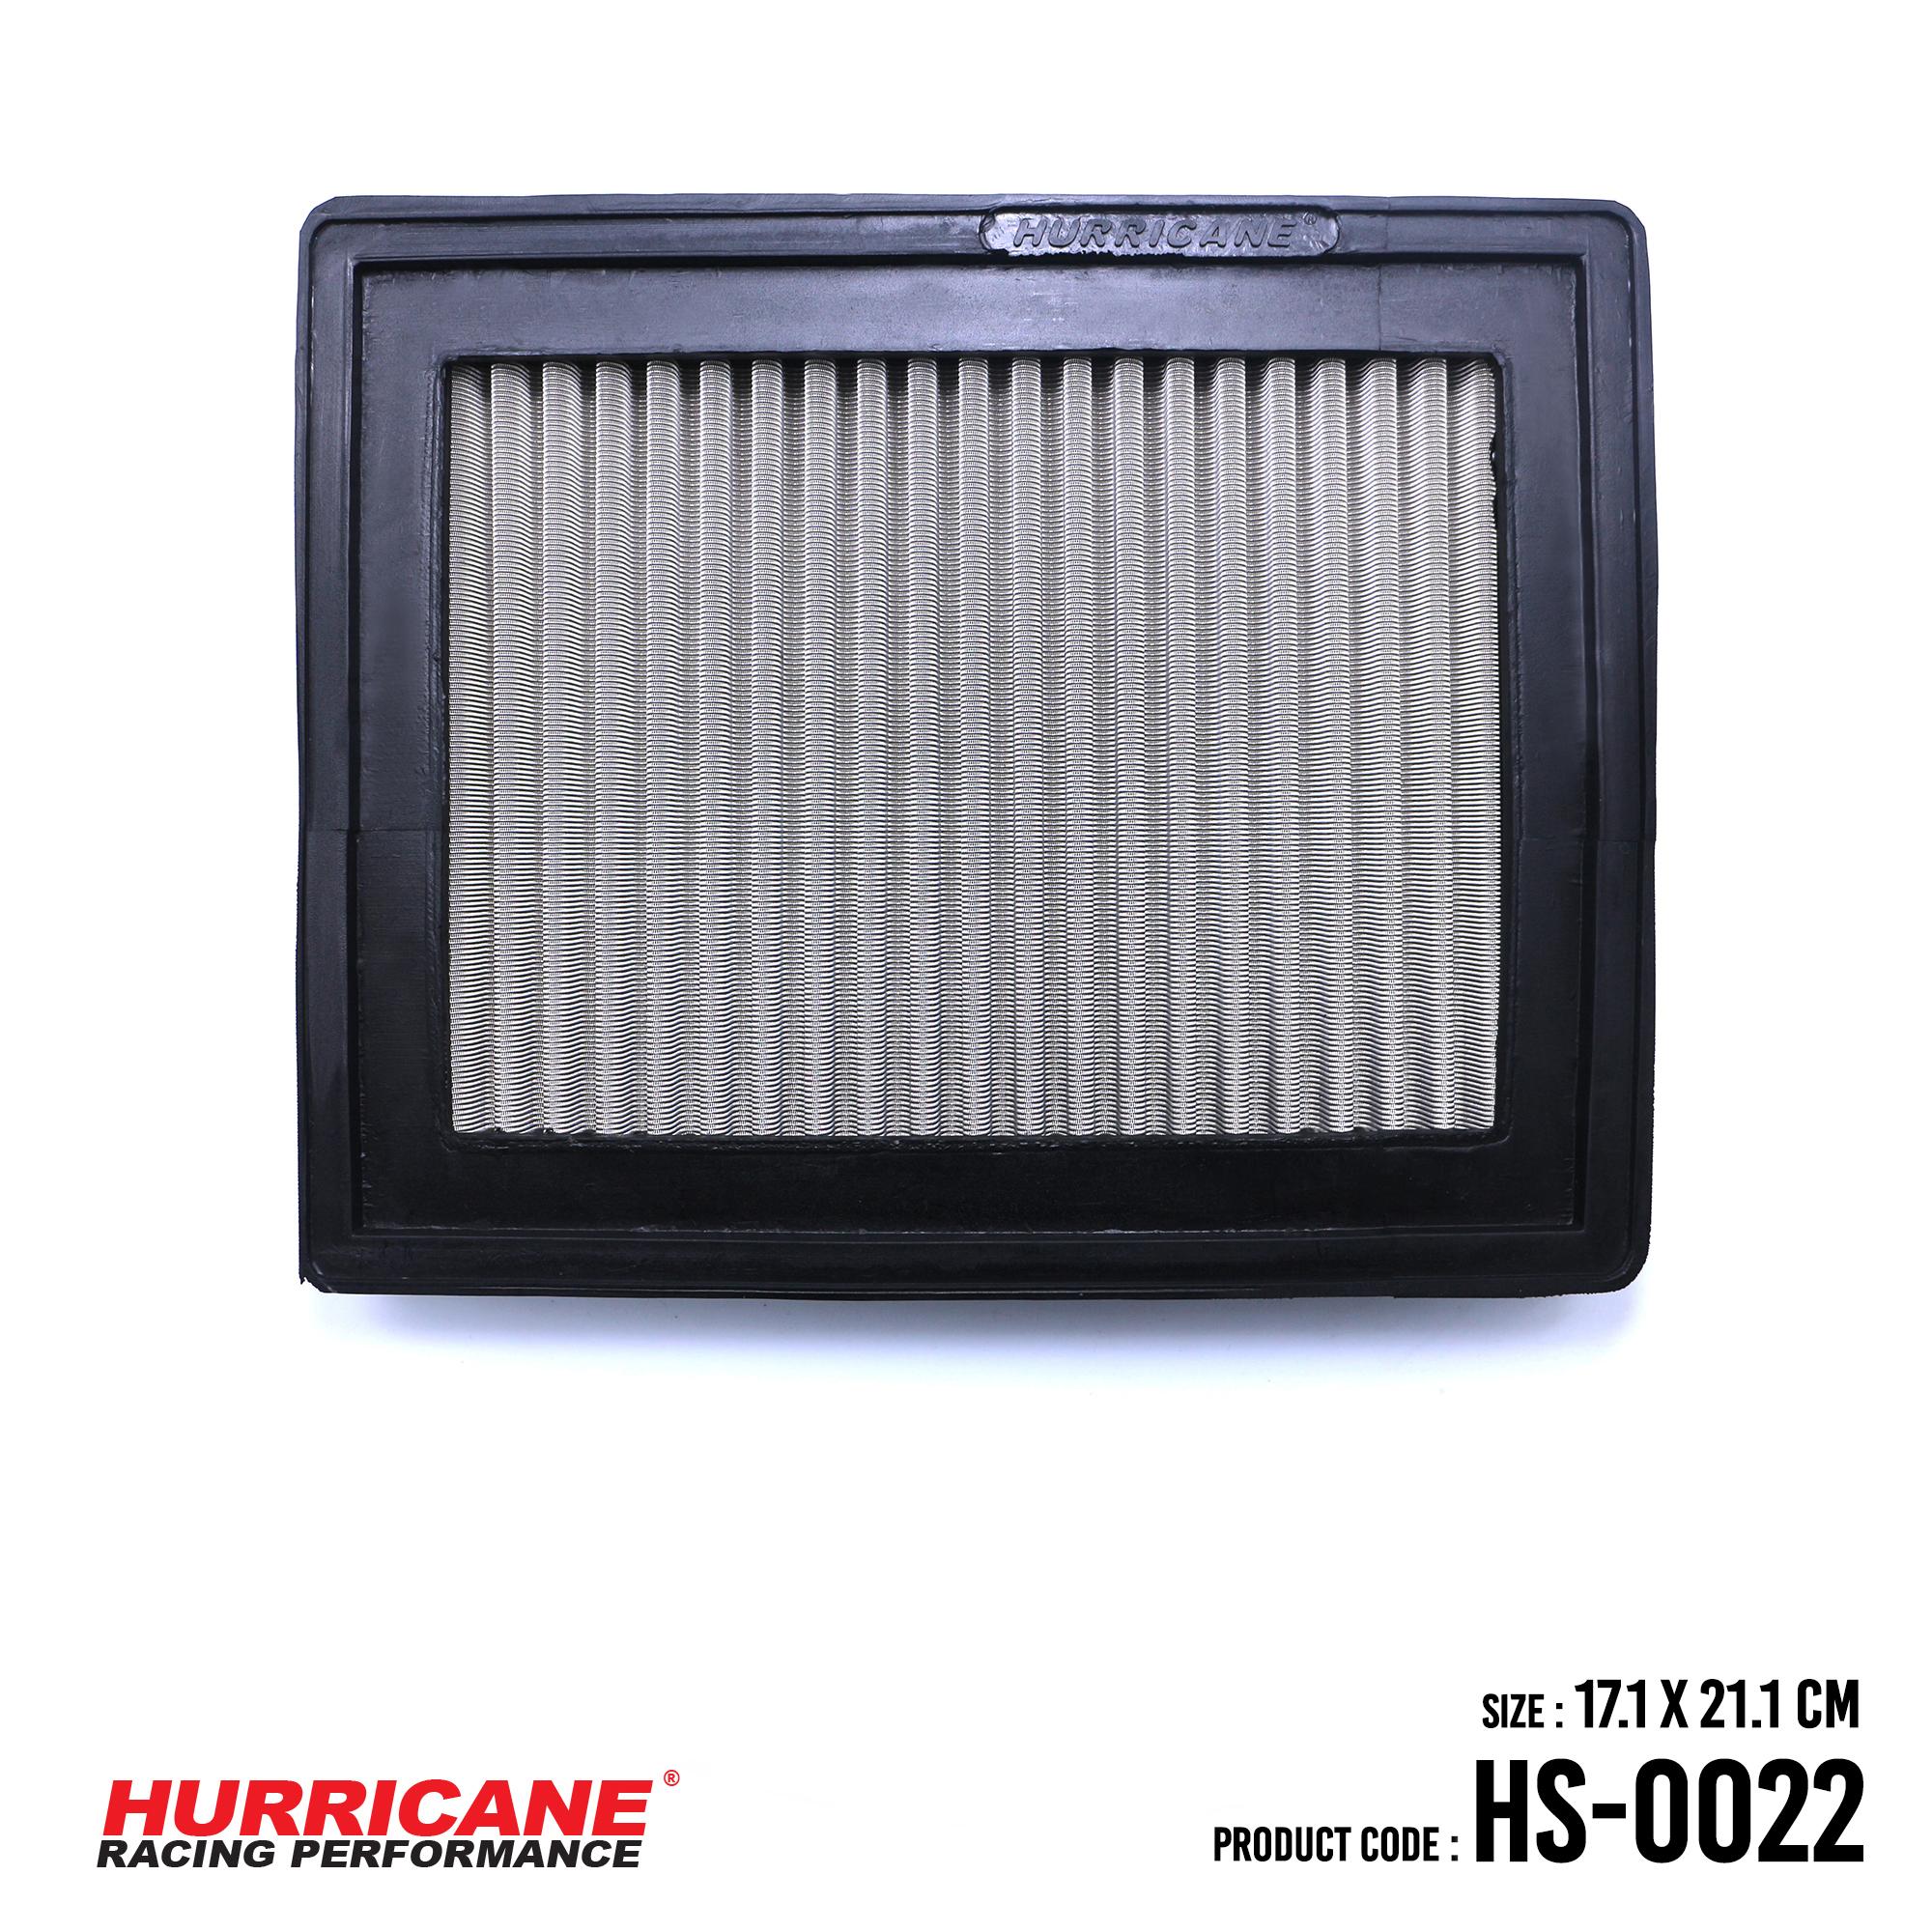 HURRICANE STAINLESS STEEL AIR FILTER FOR HS-0022 CitroenPeugeot